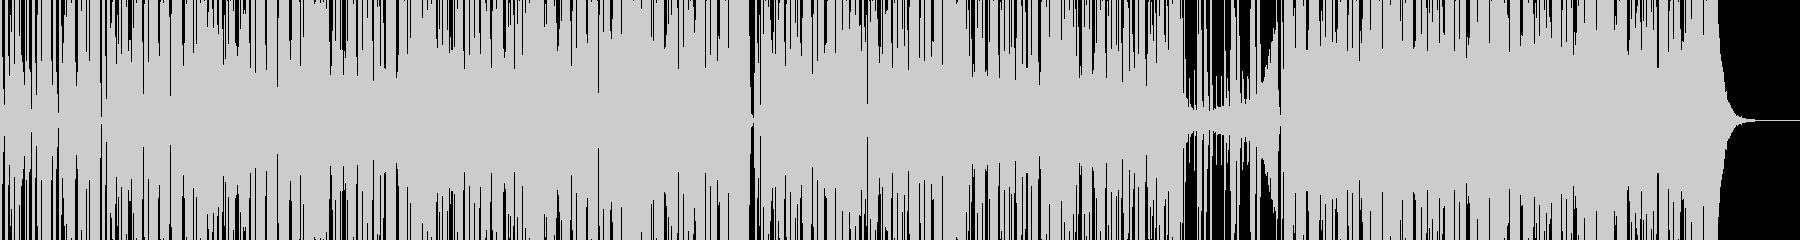 ギャングラップ 積極的 焦り スポ...の未再生の波形